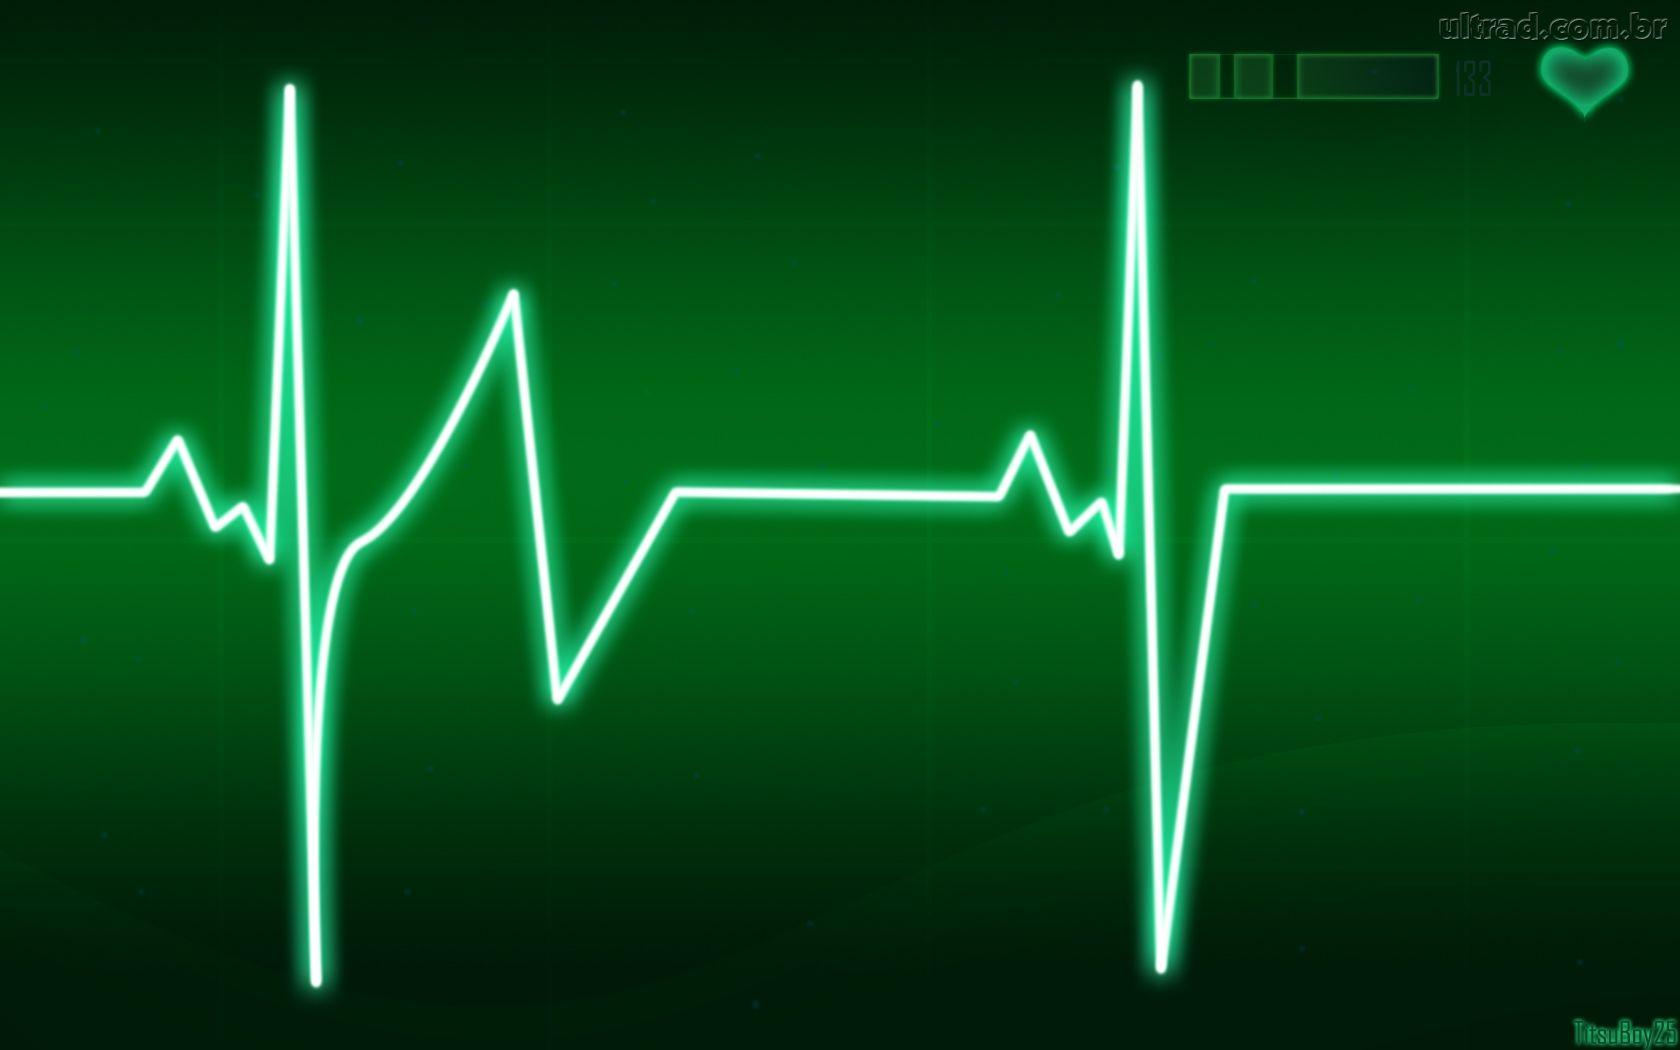 Arritmia Cardíaca – Sintomas, Causas e Tratamento